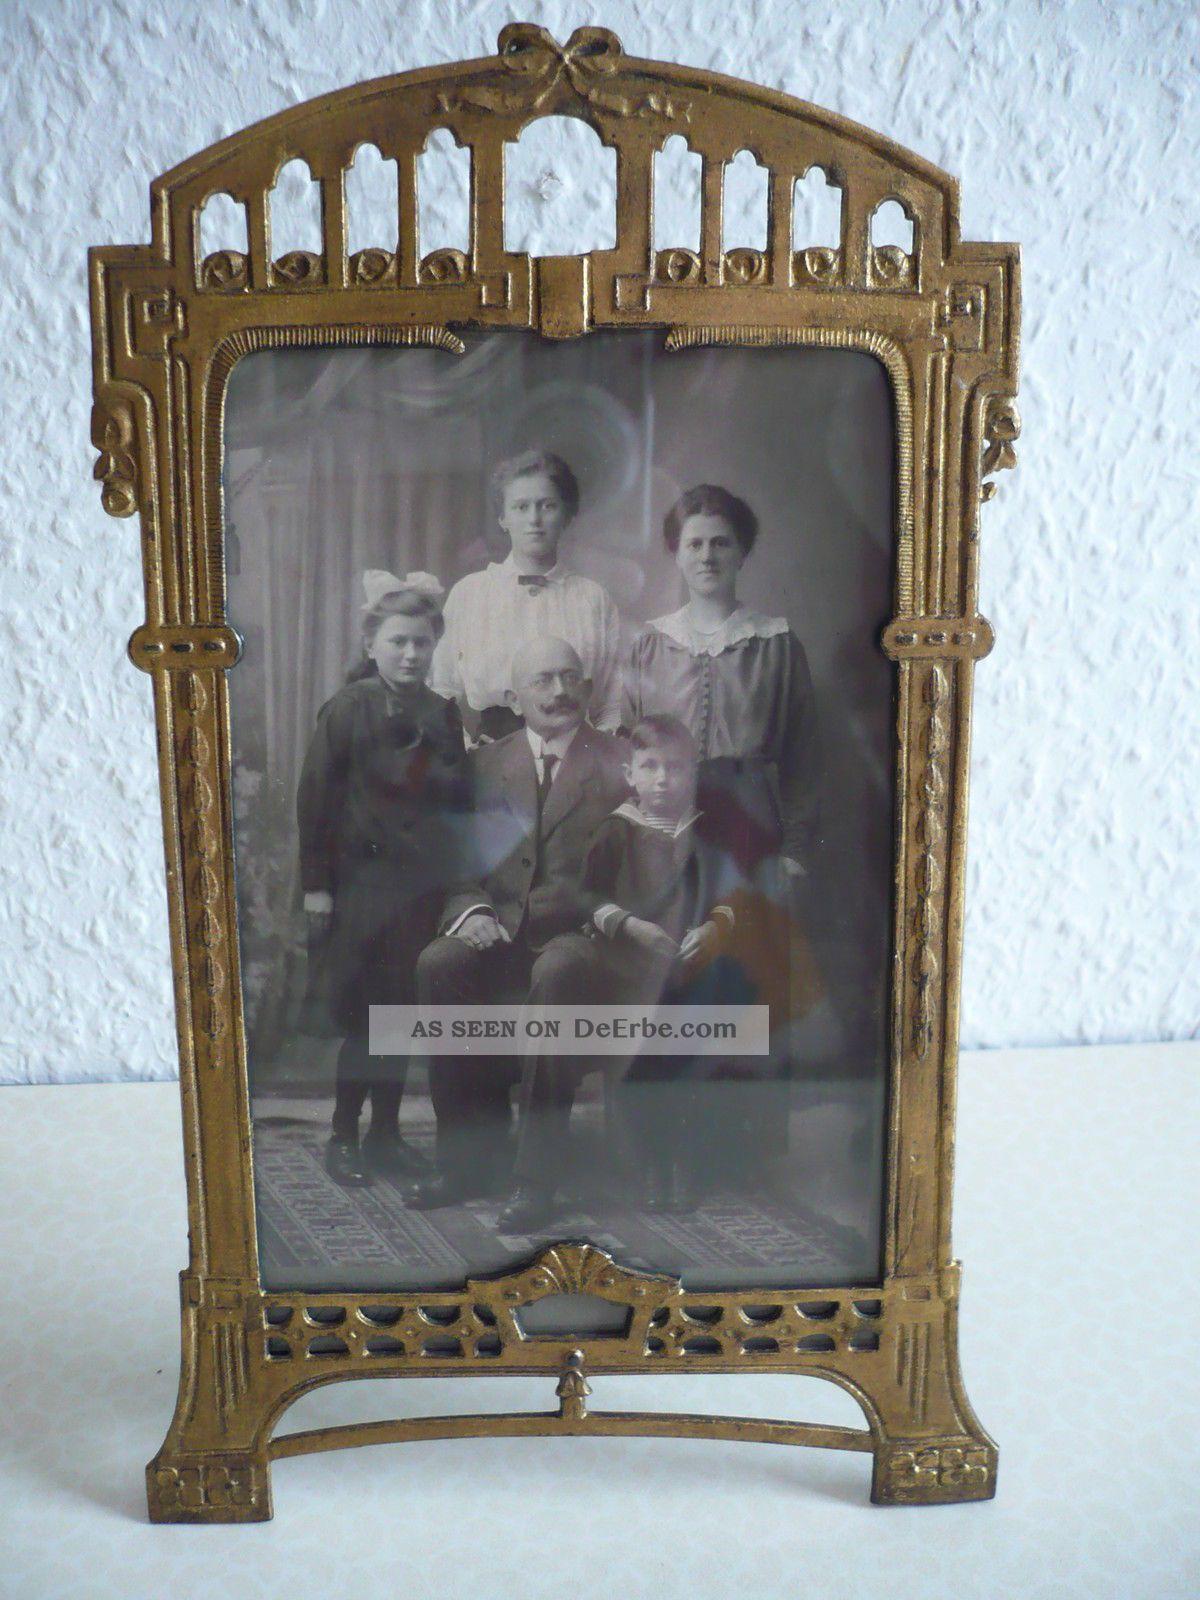 jugendstil bilderrahmen metall ca 1900 foto aus wien. Black Bedroom Furniture Sets. Home Design Ideas